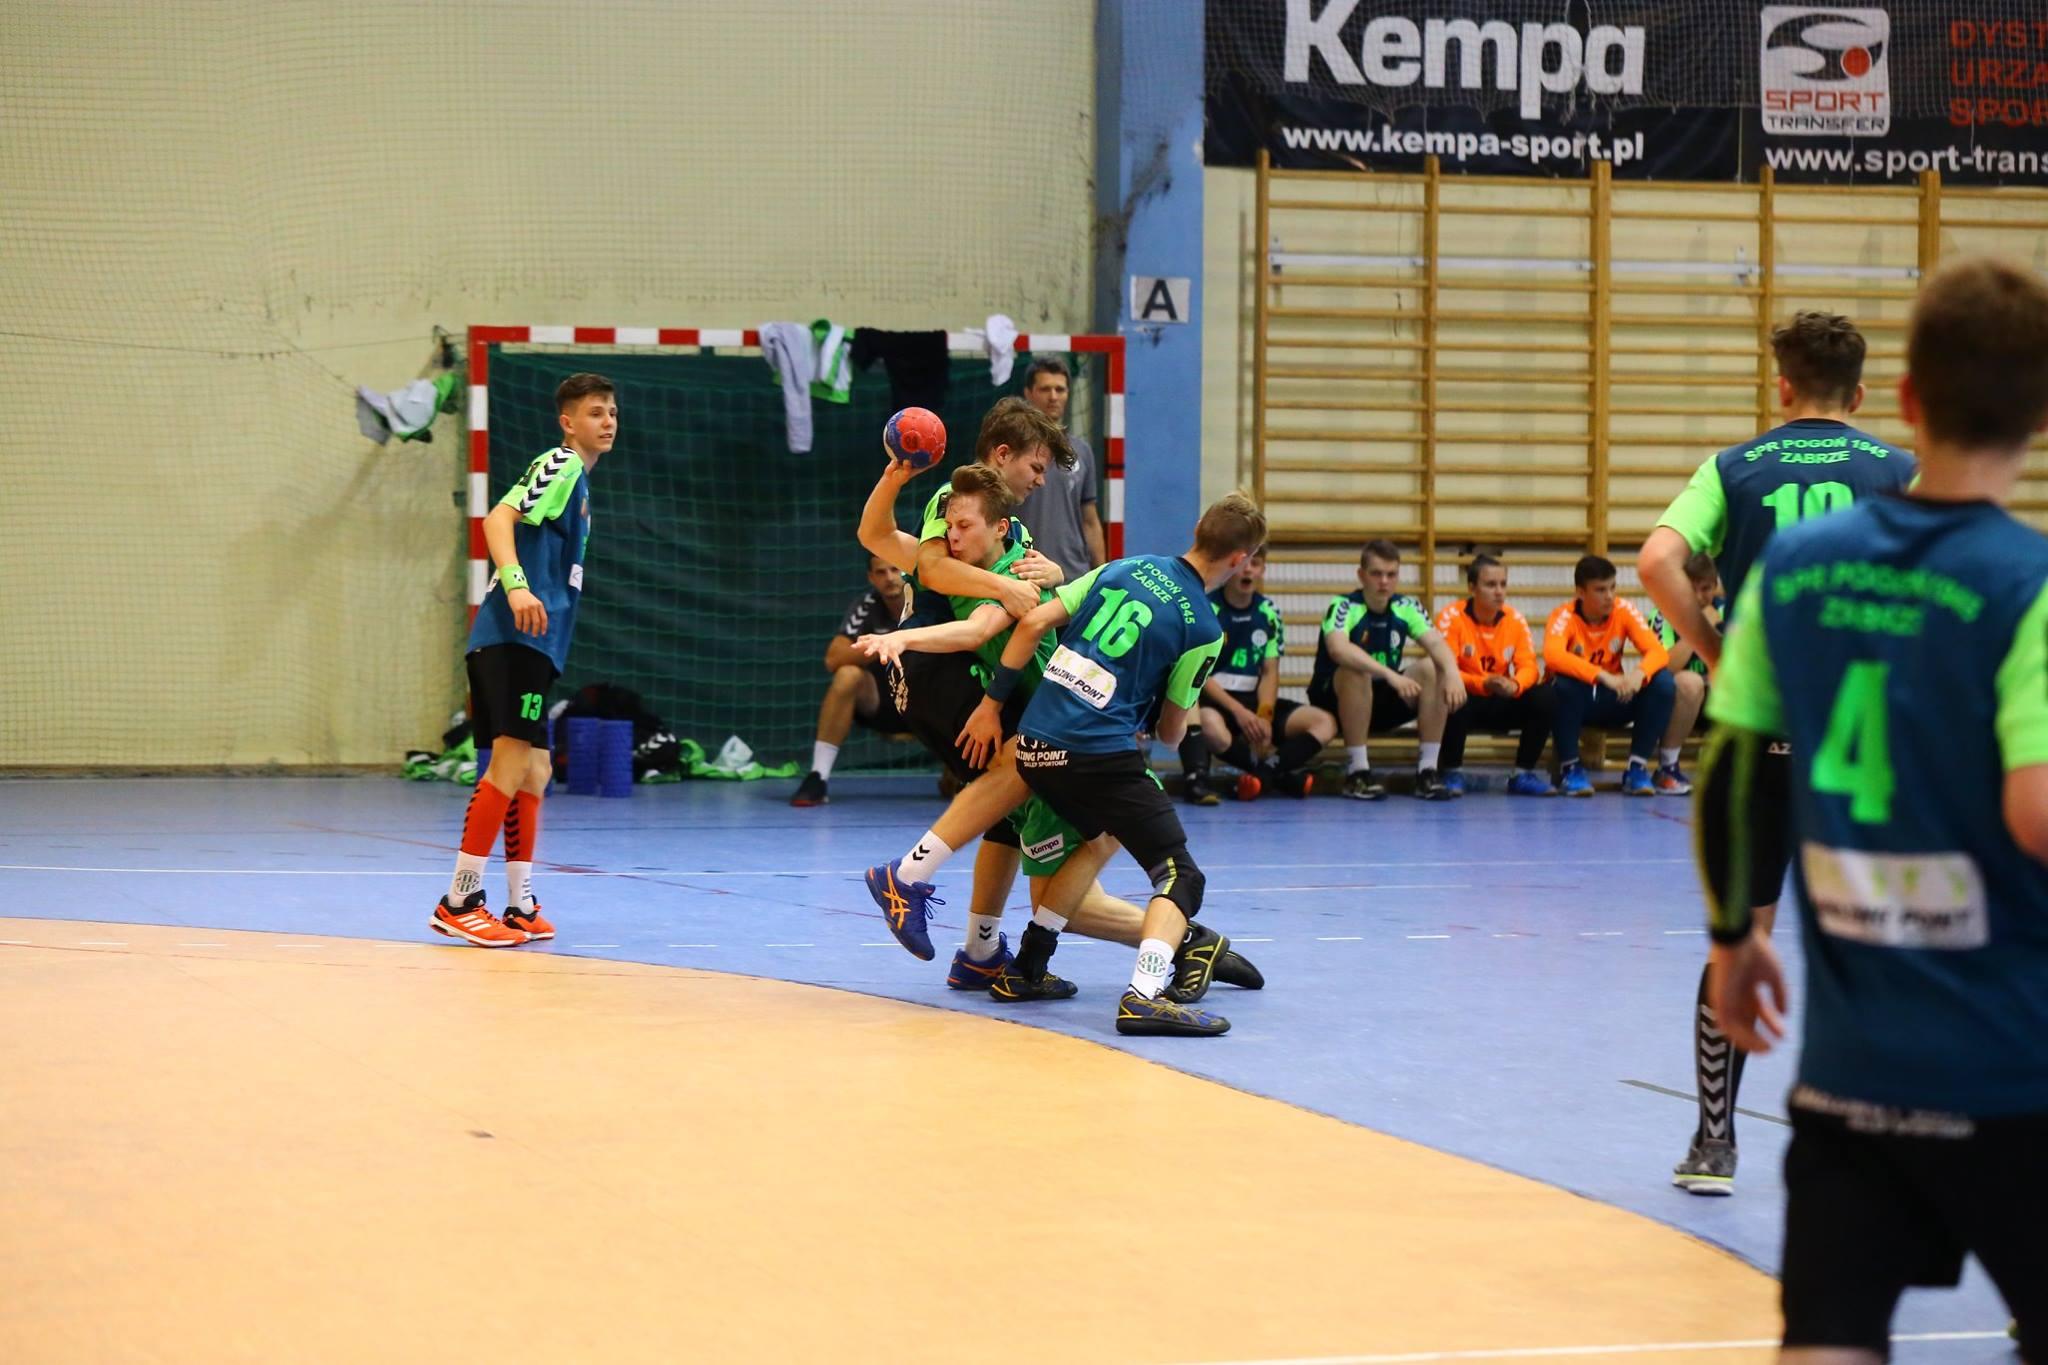 Szkolny Klub Sportowy KUSY Kraków